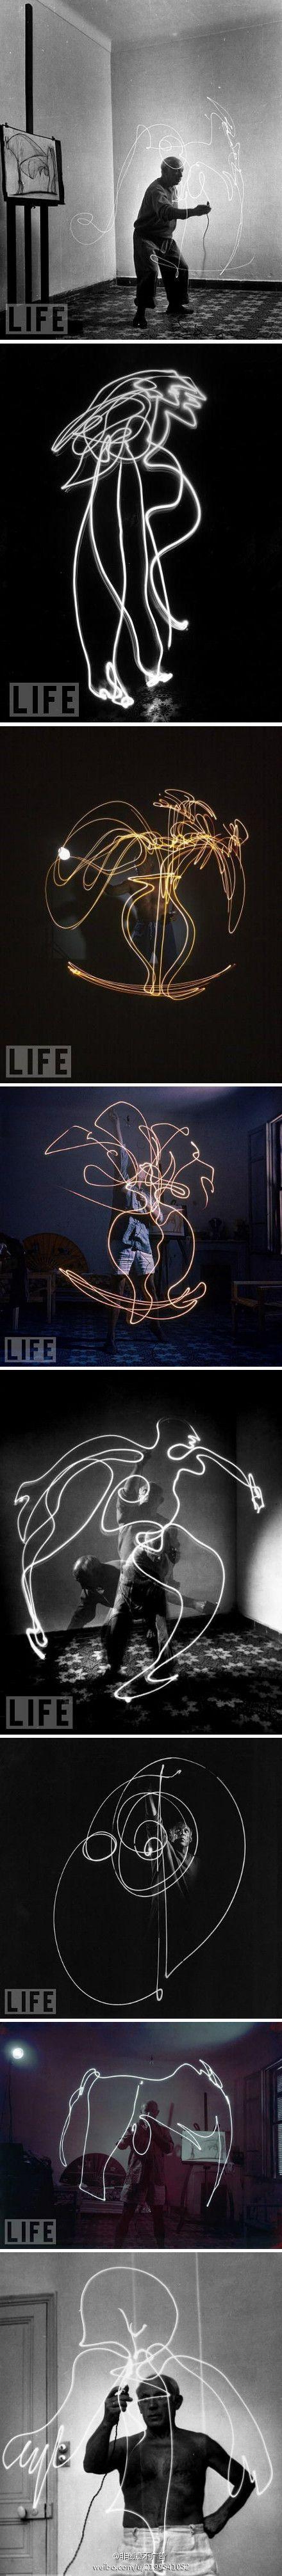 Picasso jugando con la luz..